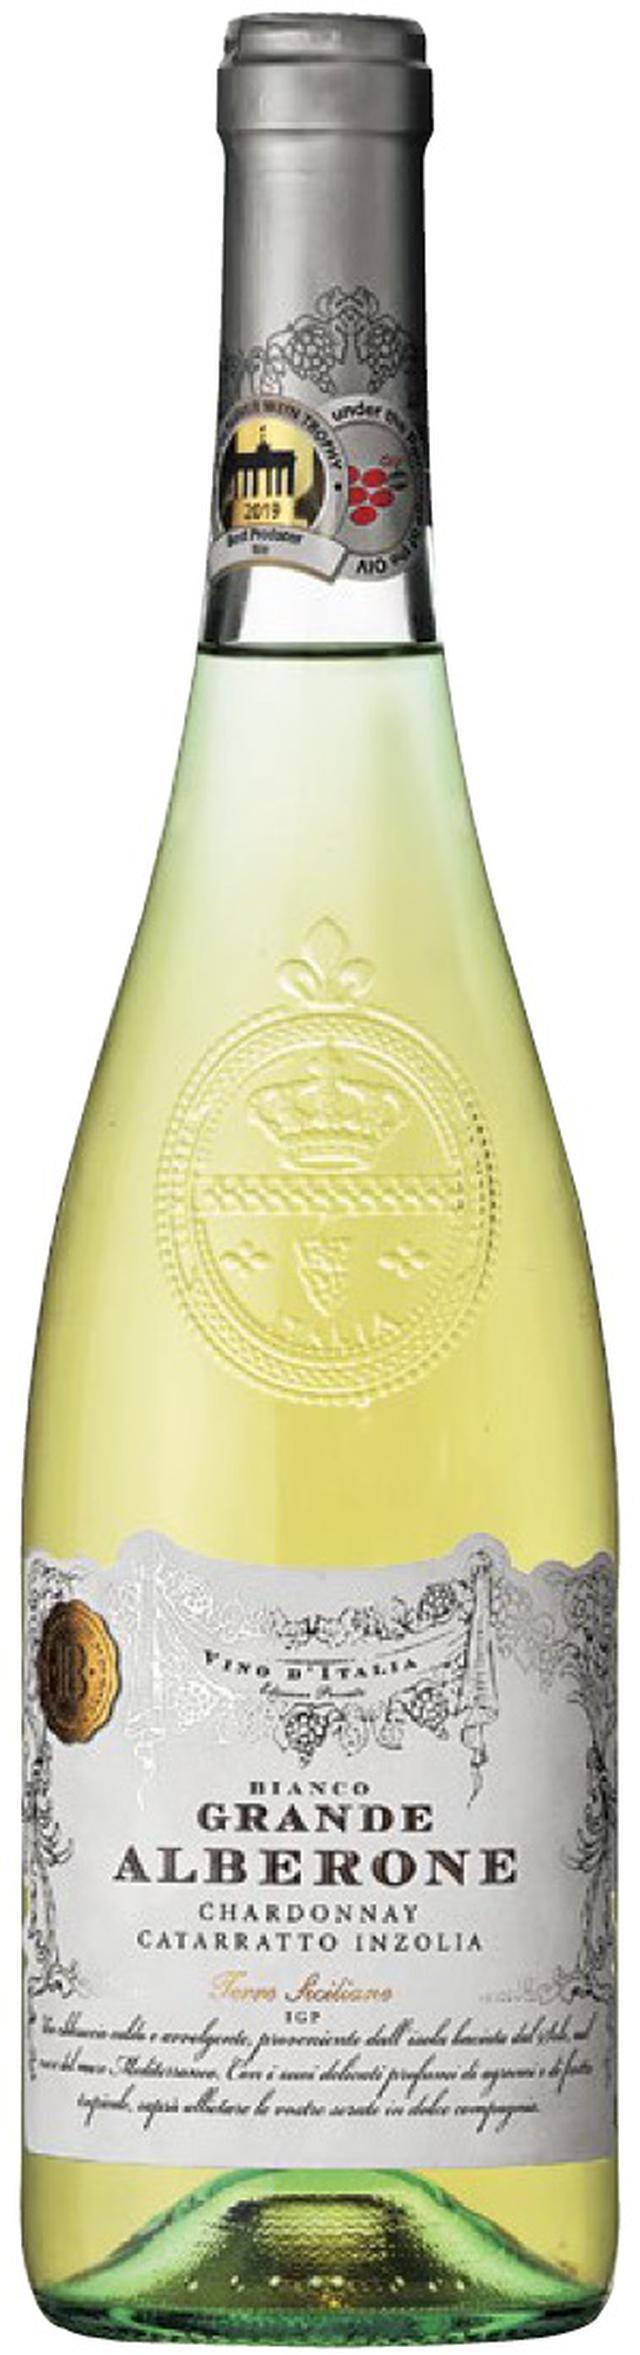 画像3: ワイン王国 2021年7月号/No.123 お勧め5ツ星の買える店(1000円台で見つけた和食に合う白ワイン)